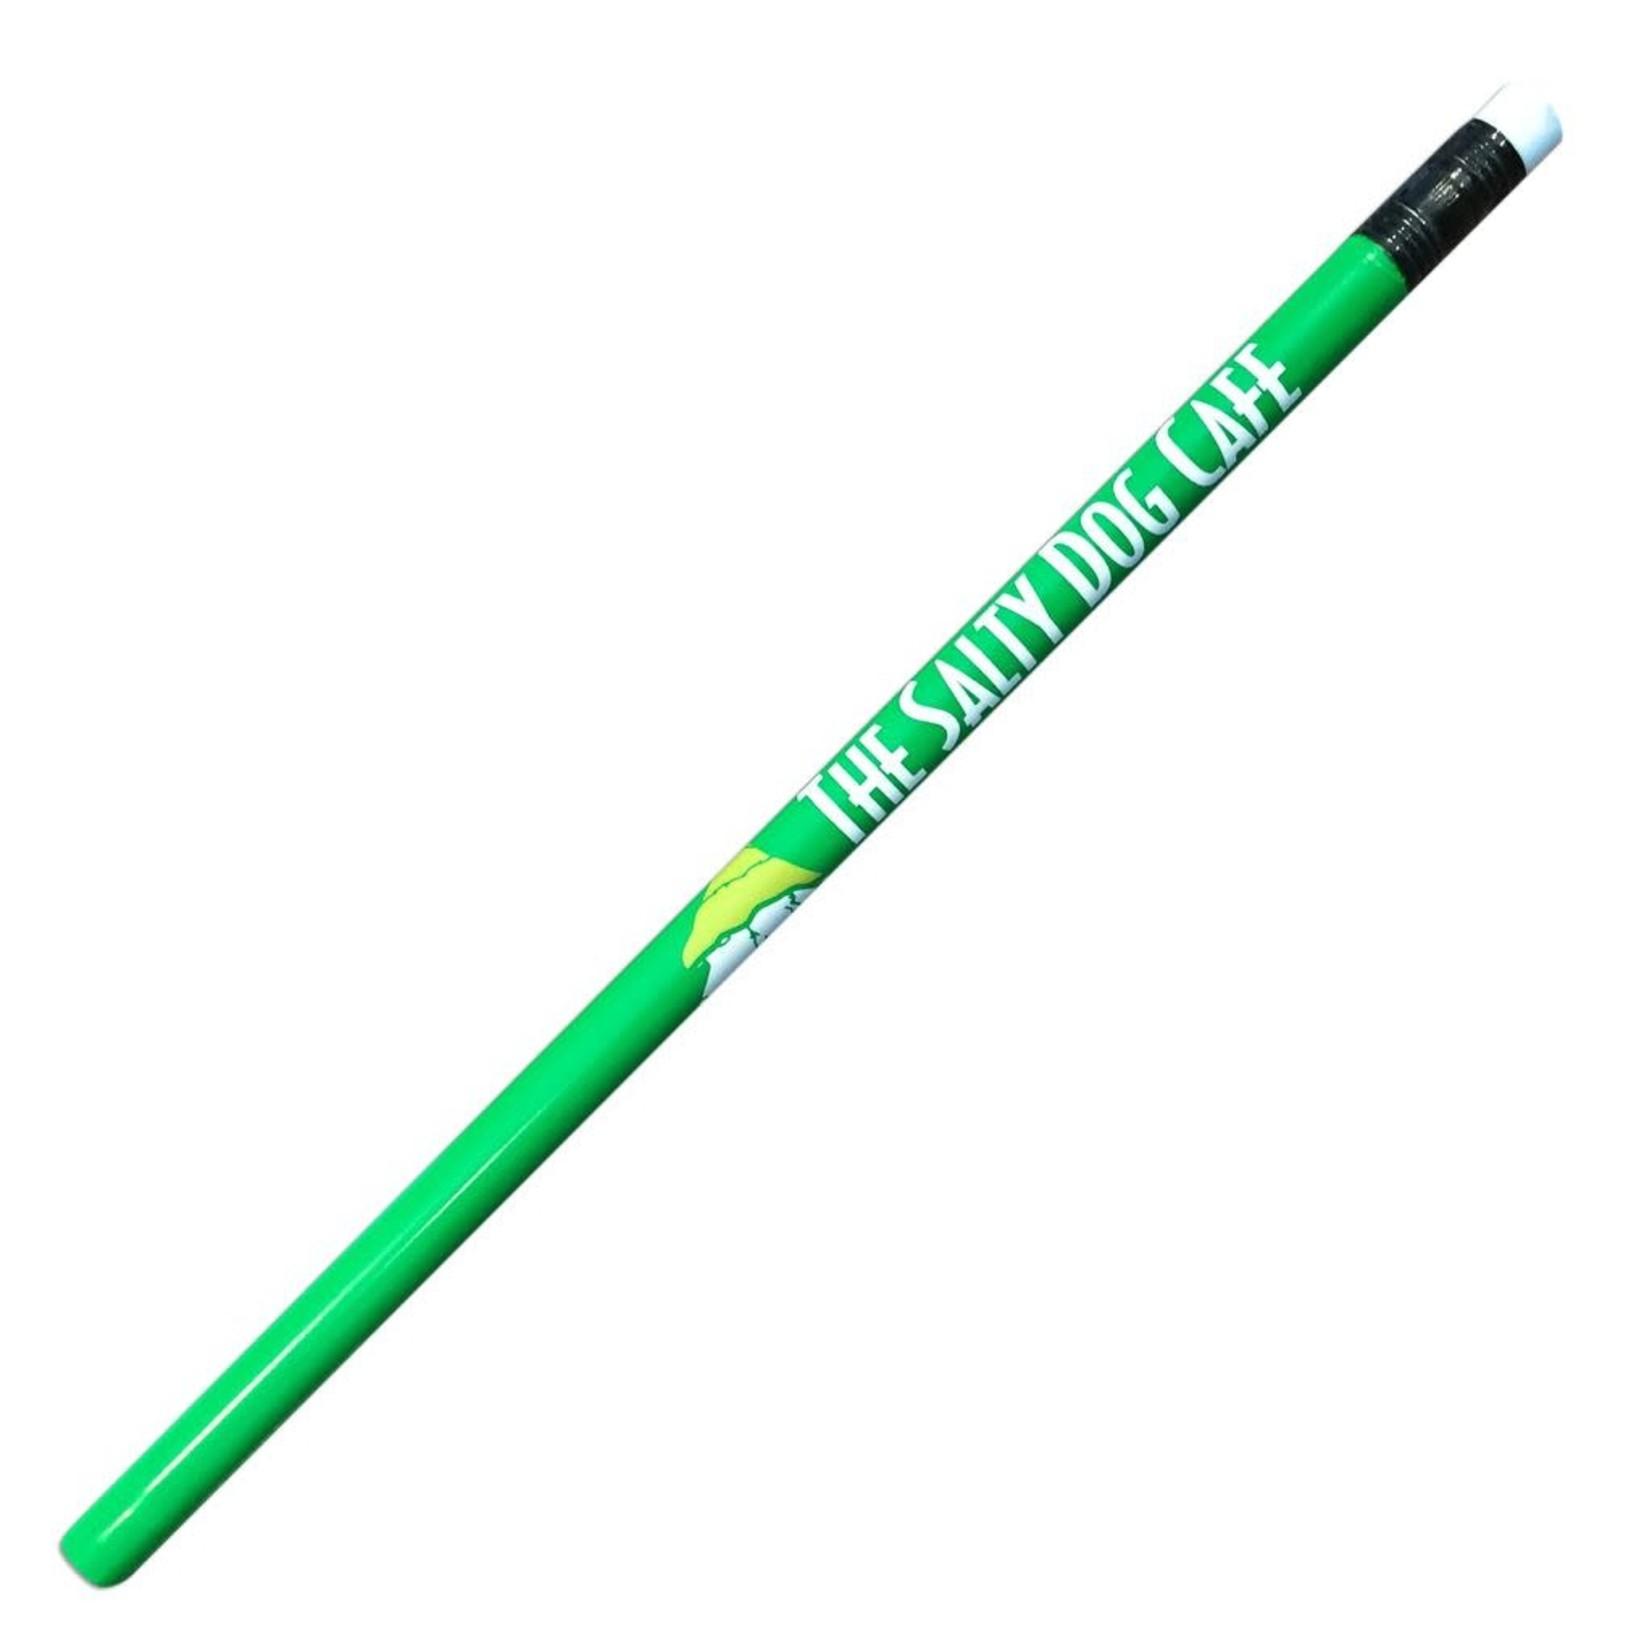 Pencil - Neon, Kiwi Green